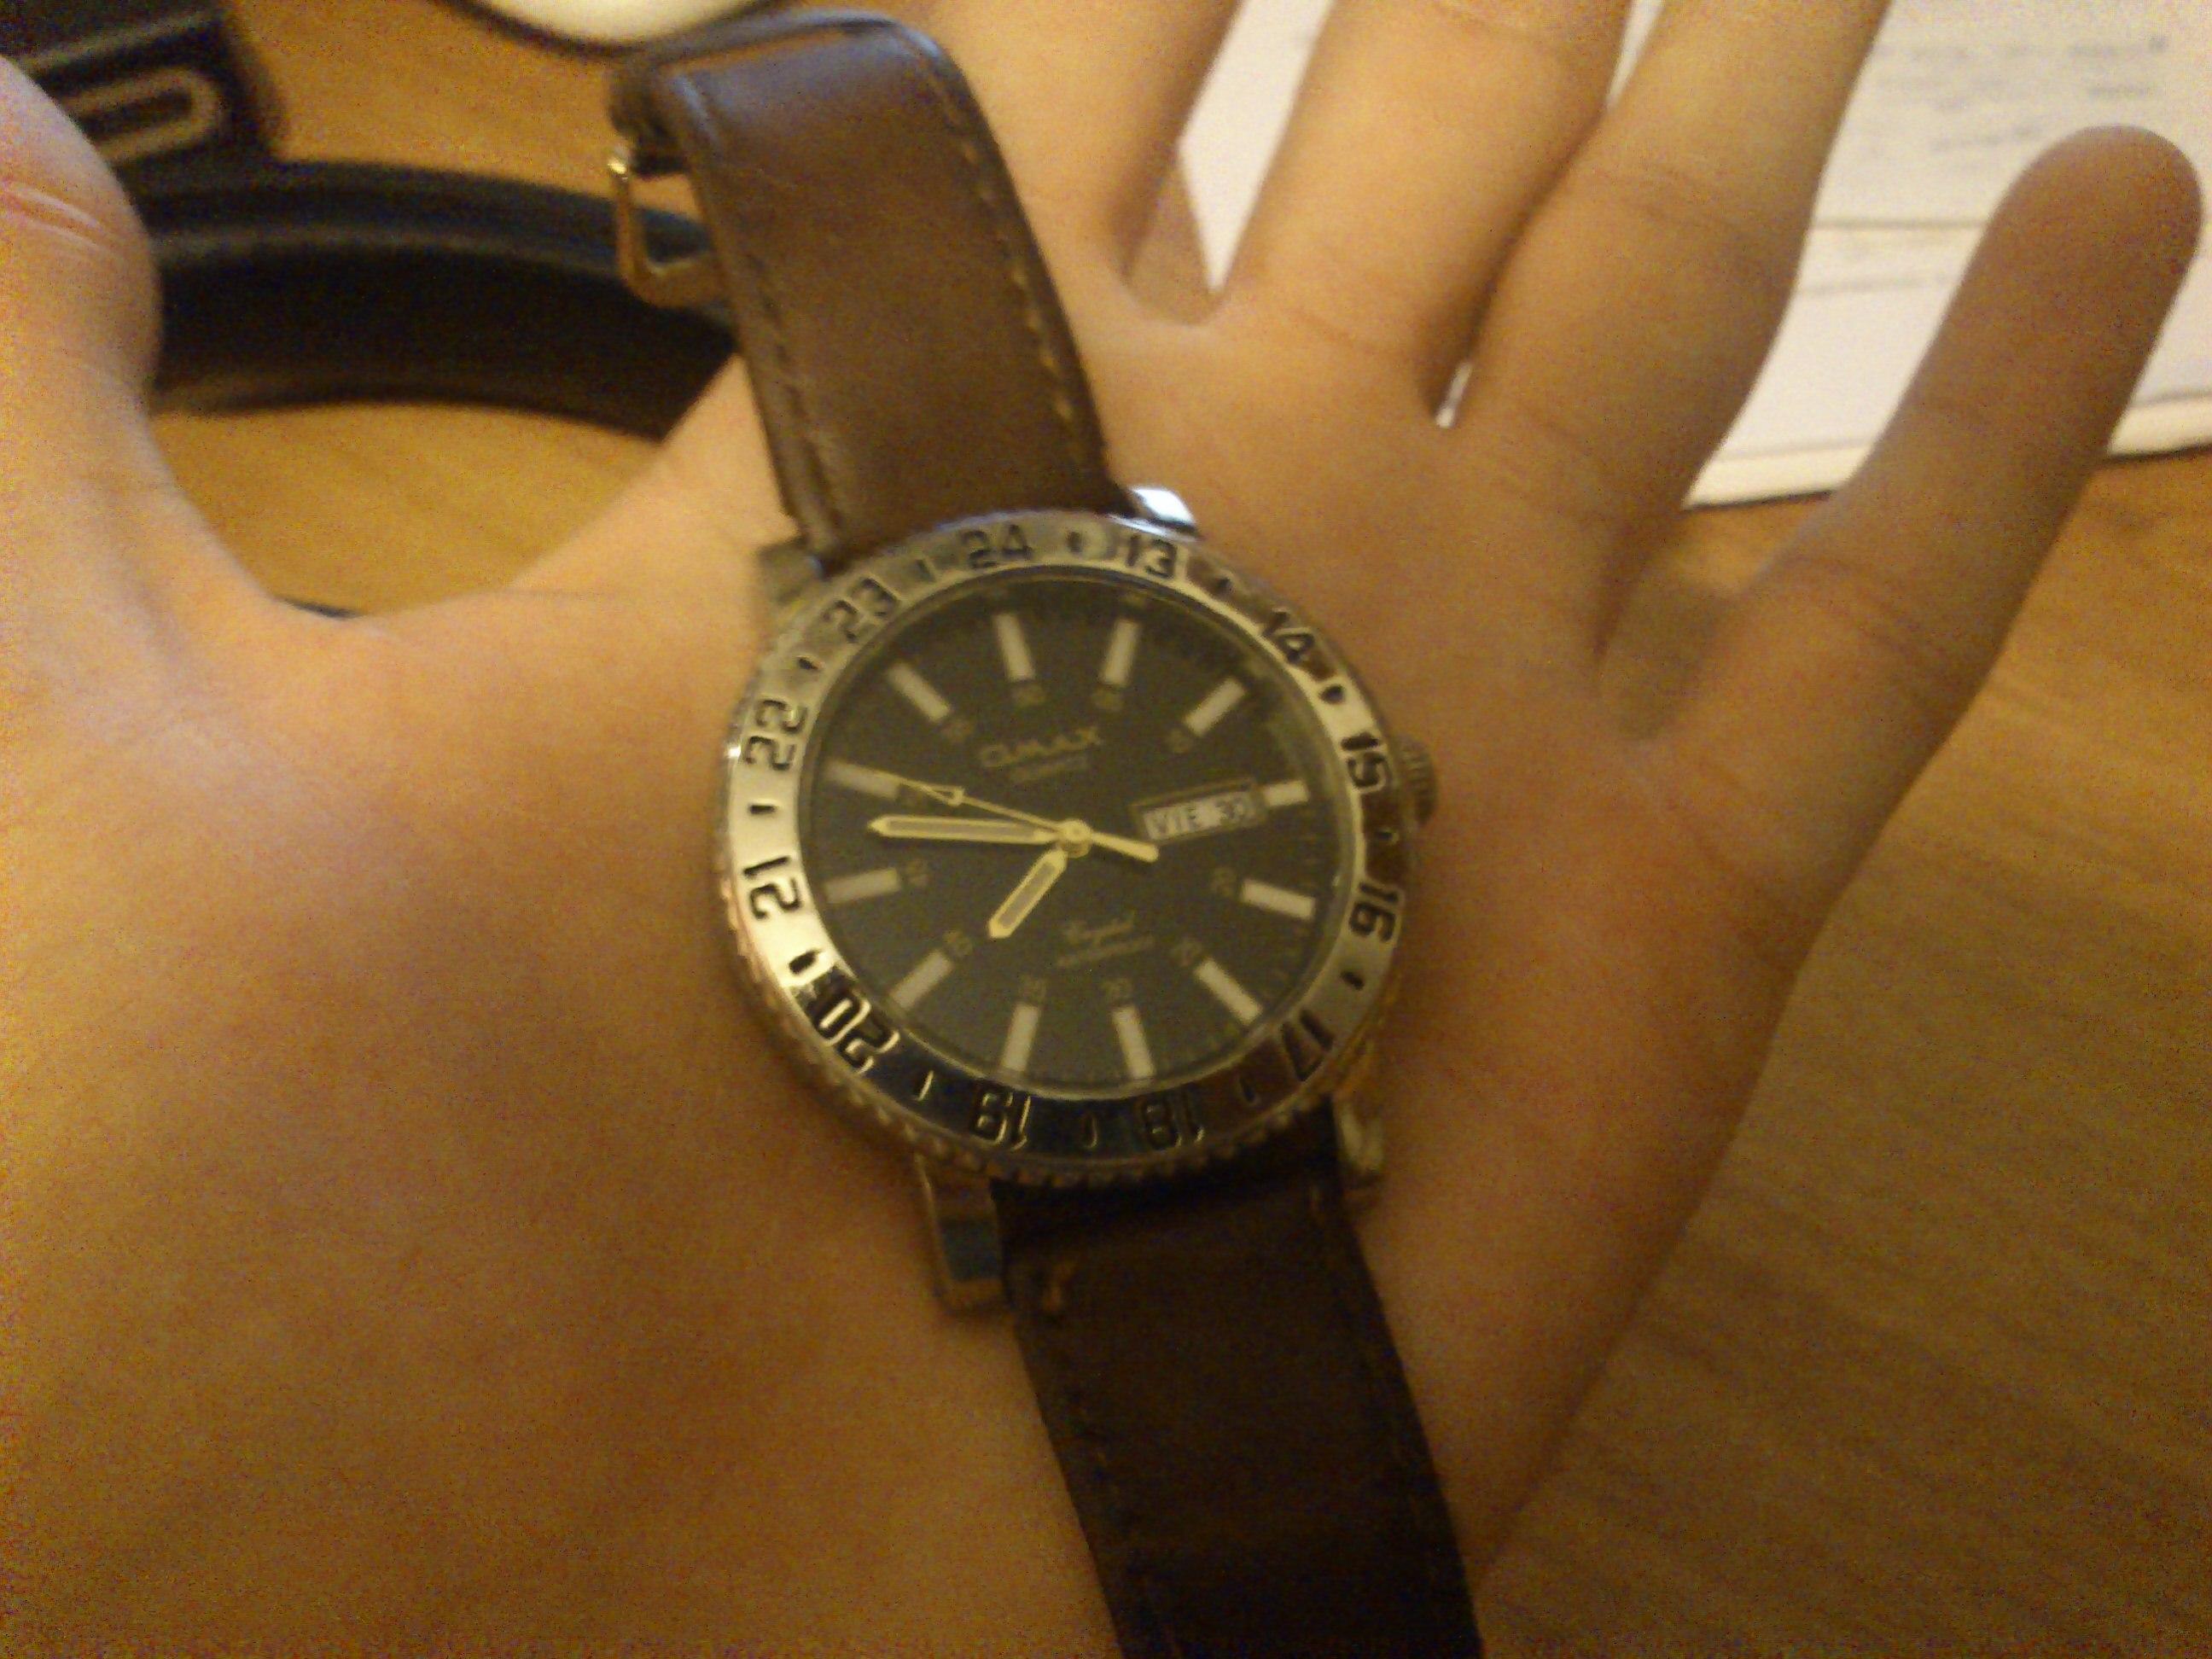 Часы - qmax quartz, механика. . Для наглядности сделал фотку. . Ремешок не родной, старый порвался